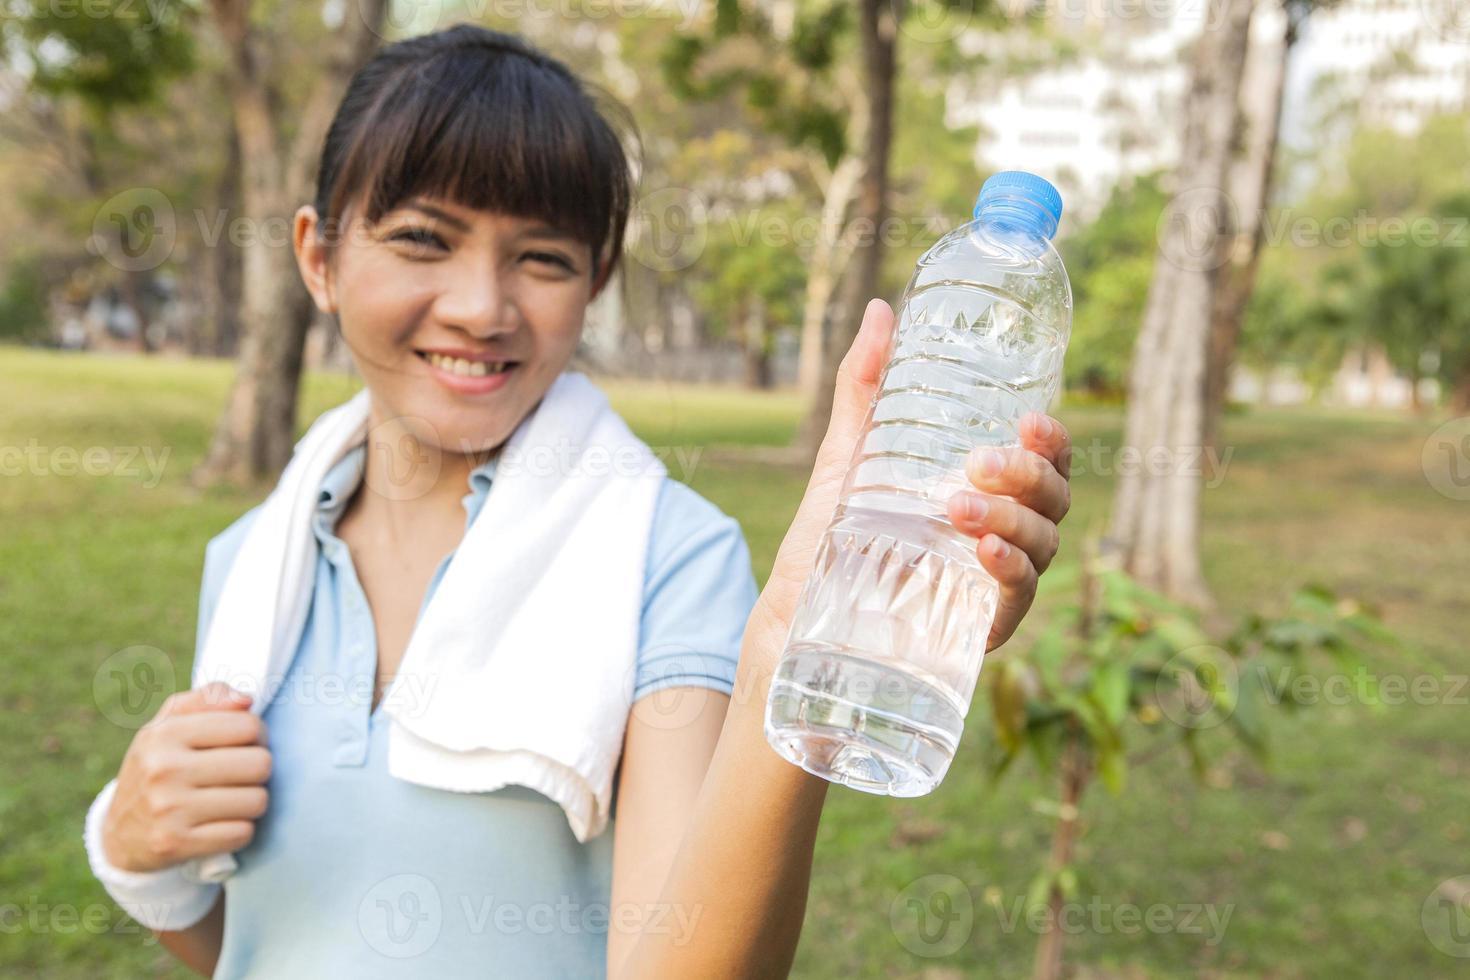 asiatische Sportfrau lächelnd zeigt Flasche Wasser foto